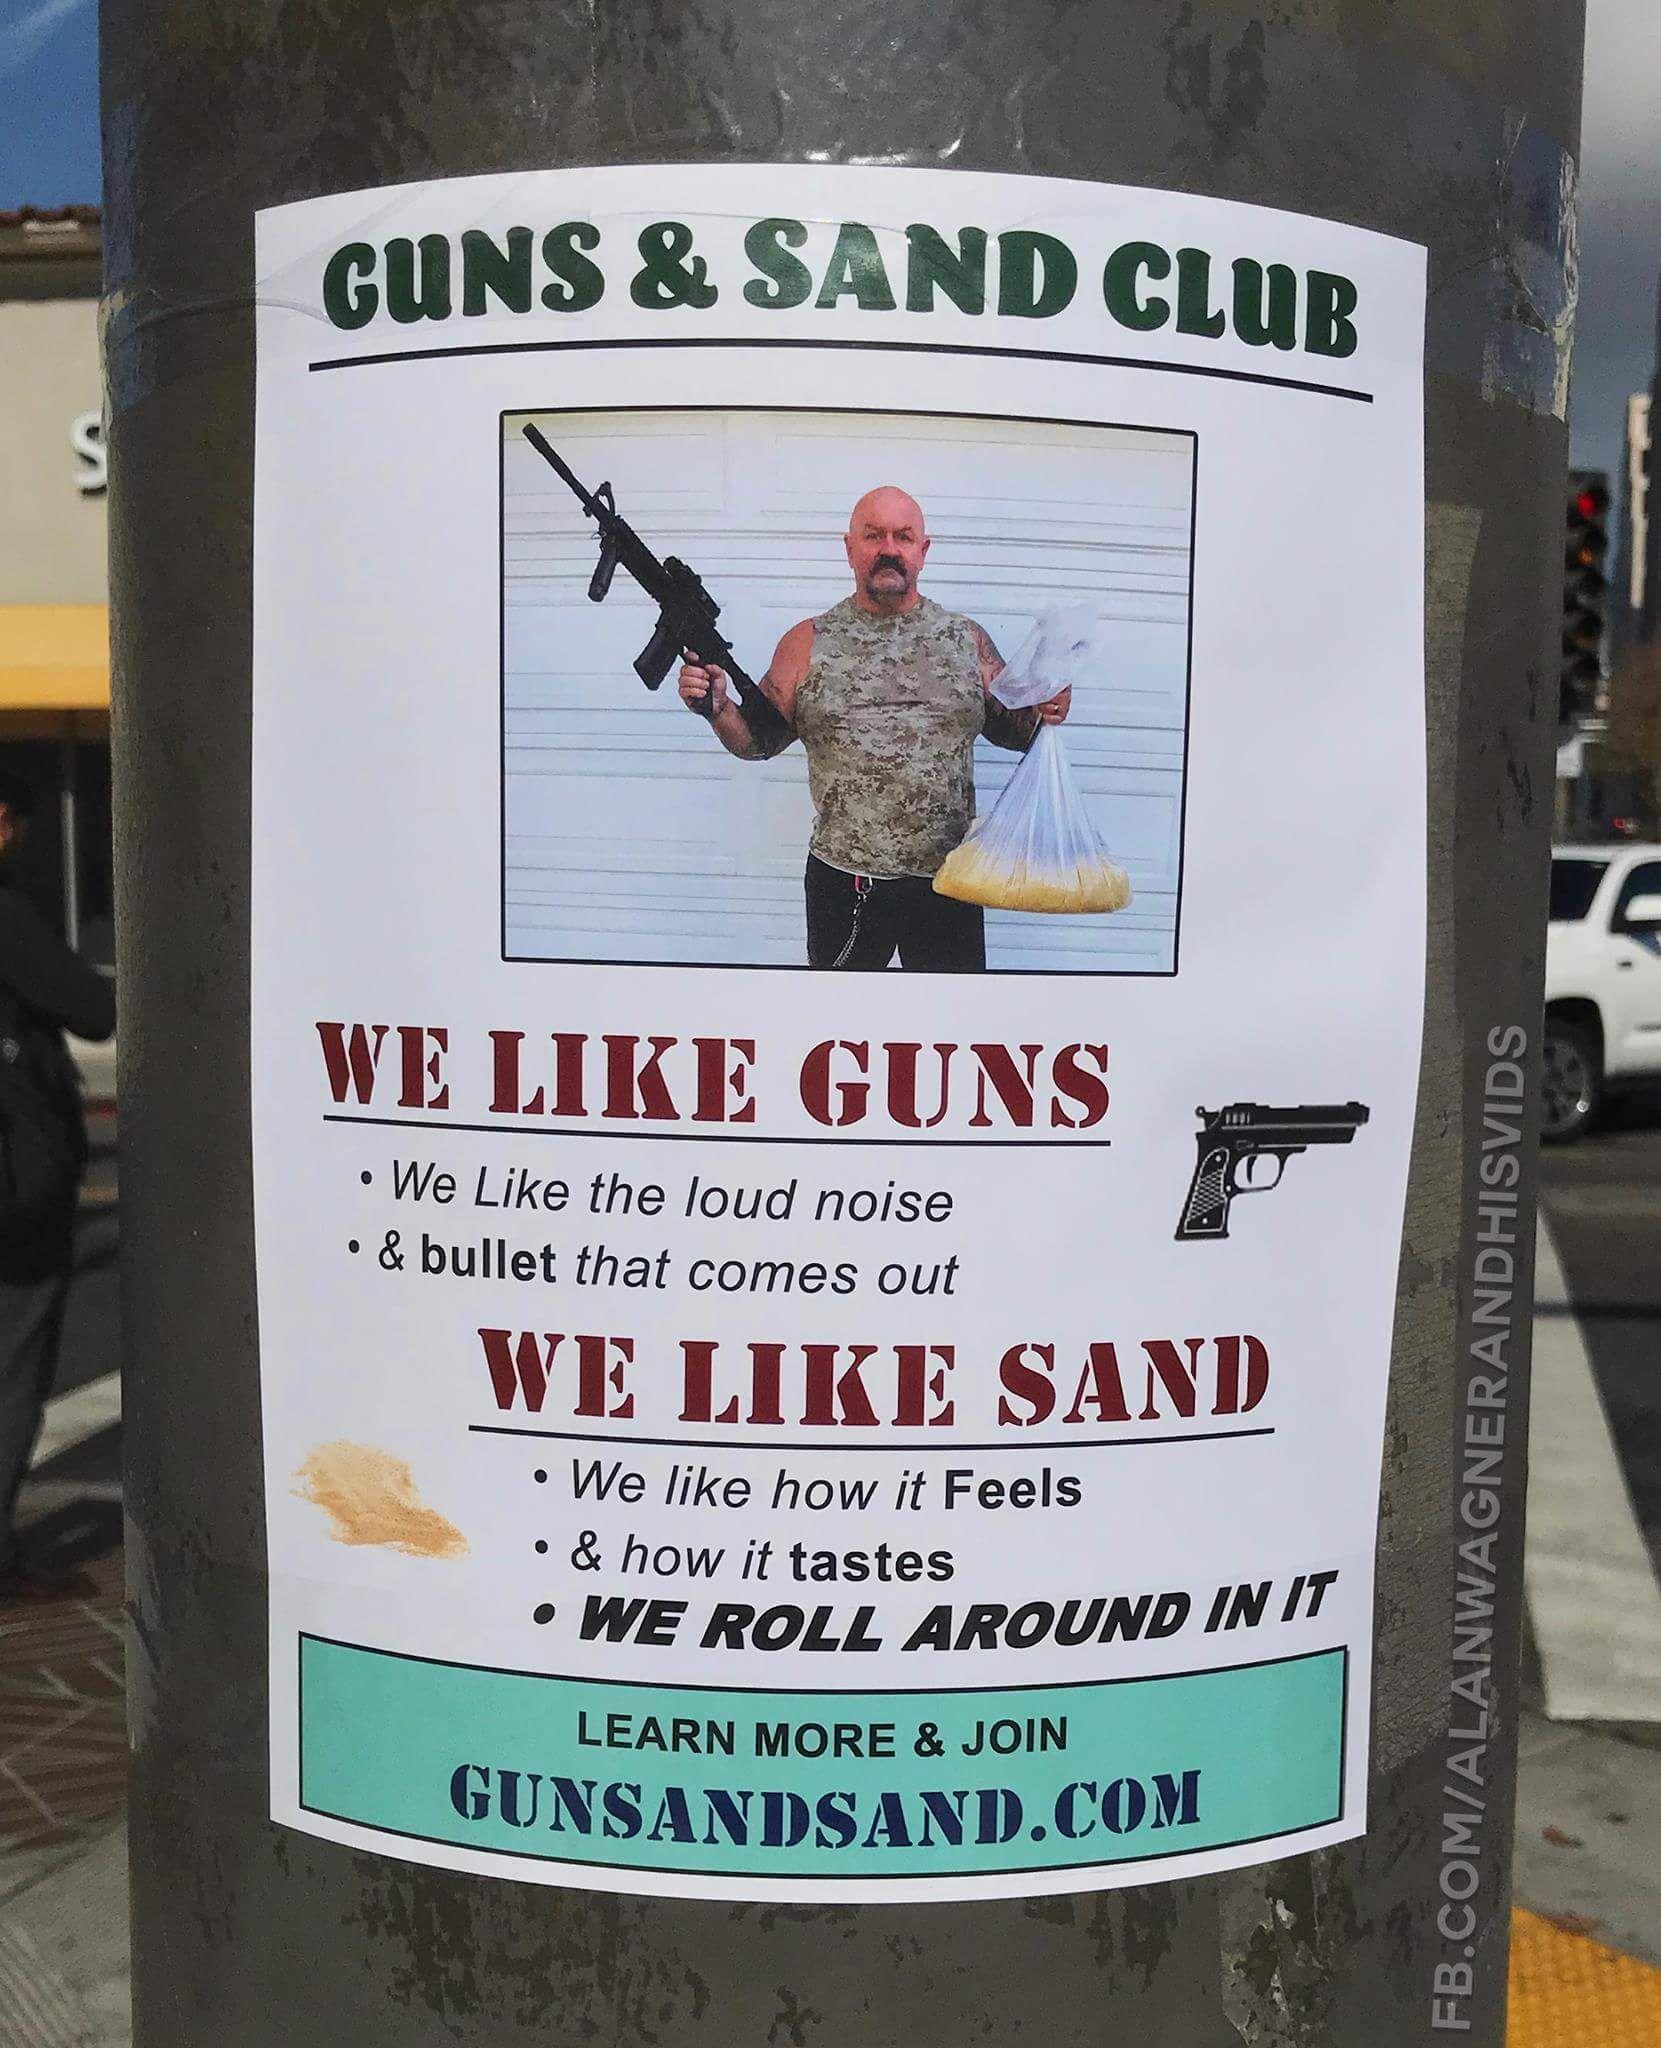 Guns & Sand Club